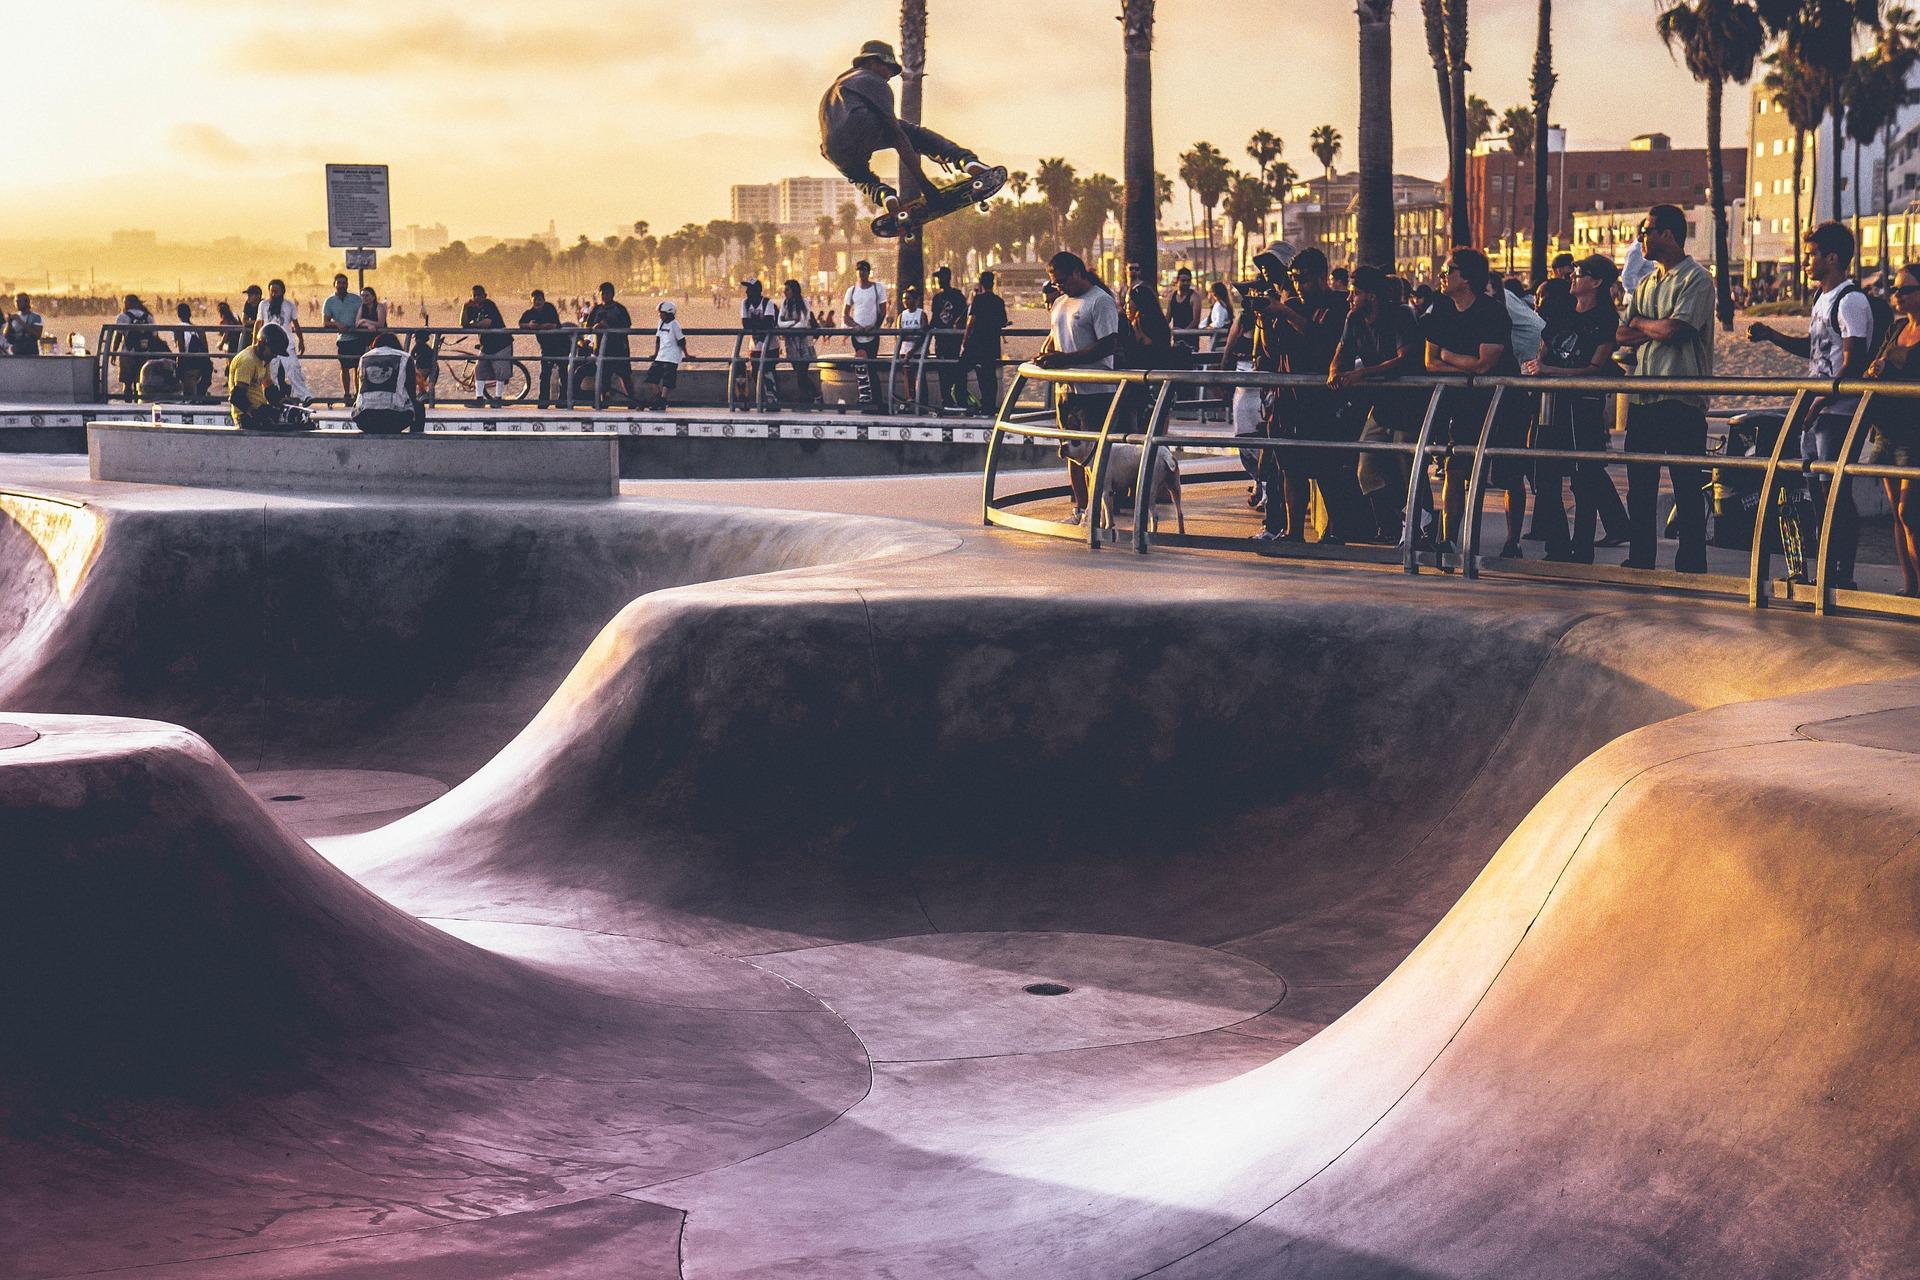 滑冰, 滑板, 广场, 公园, 人, 风险, 跳转 - 高清壁纸 - 教授-falken.com